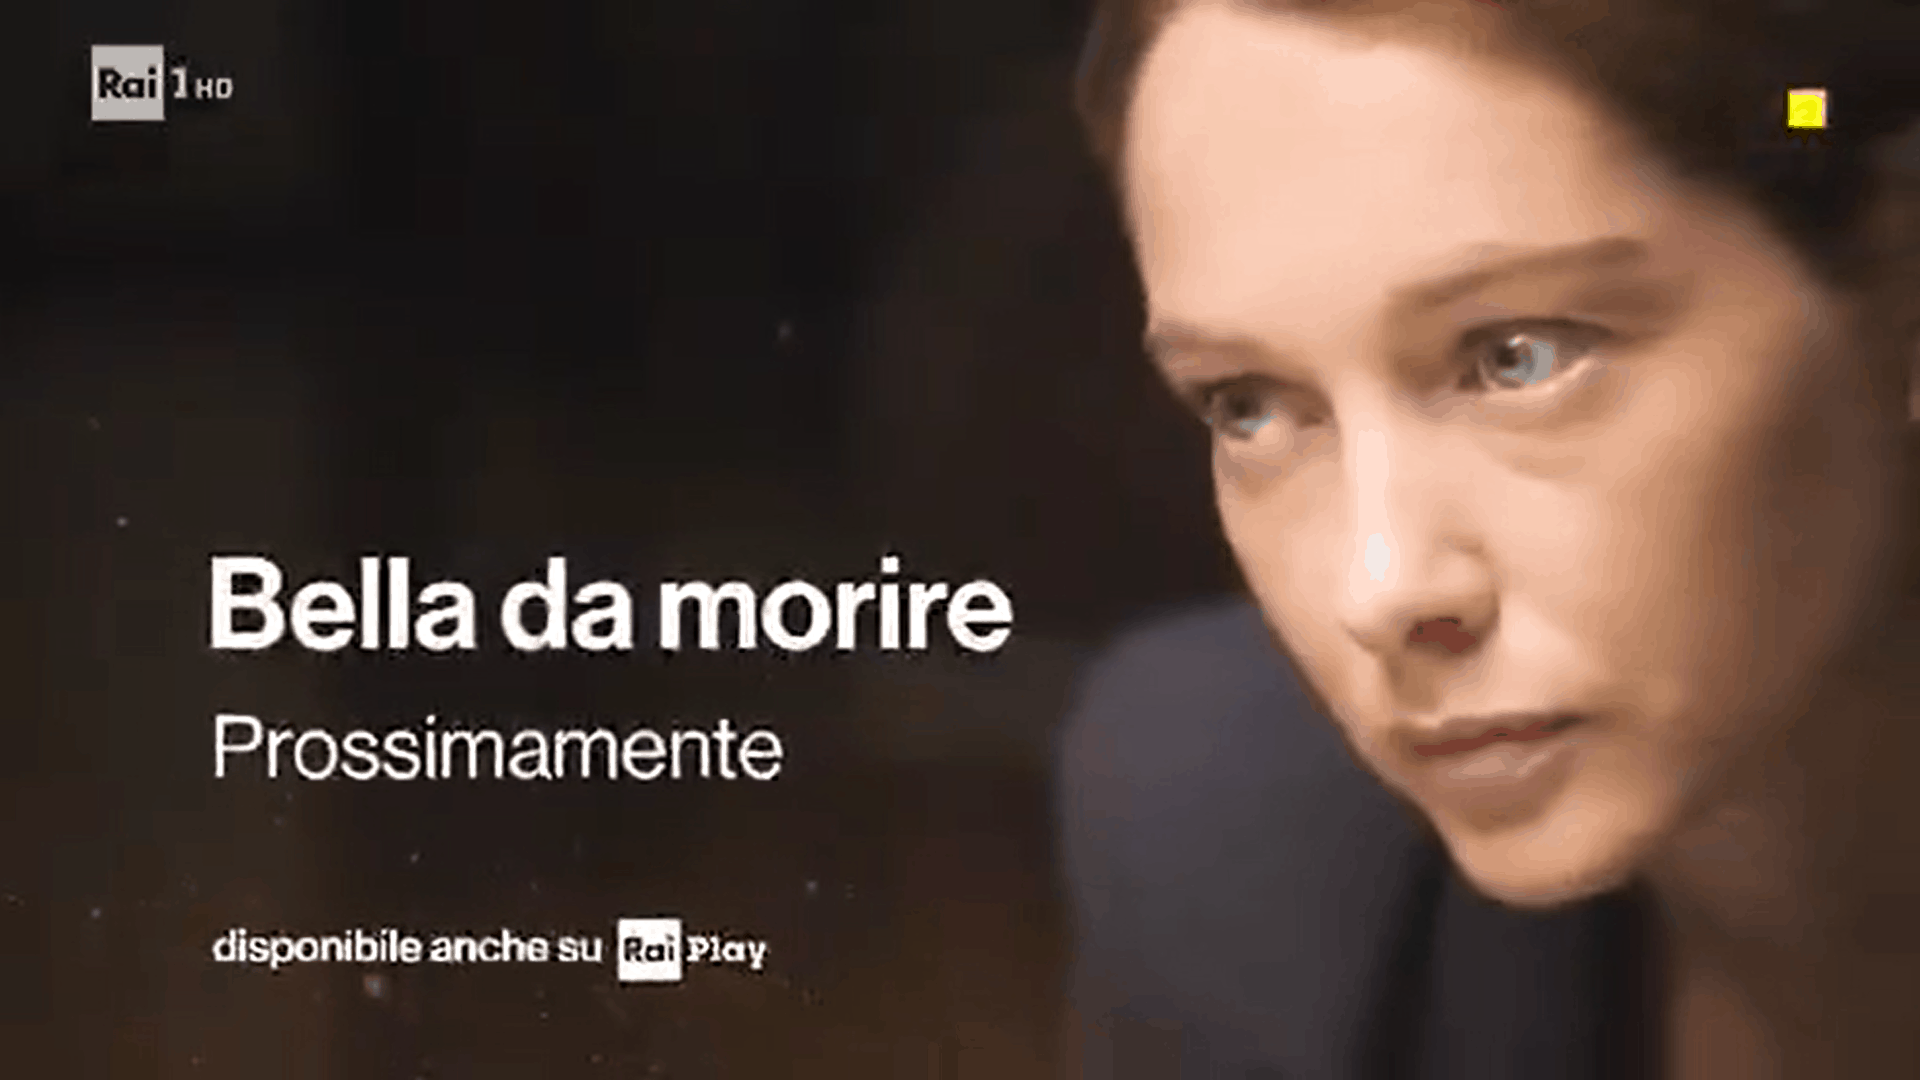 Bella da morire la fiction con Cristiana Capotondi: la detective Eva indaga sulla morte di Gioia